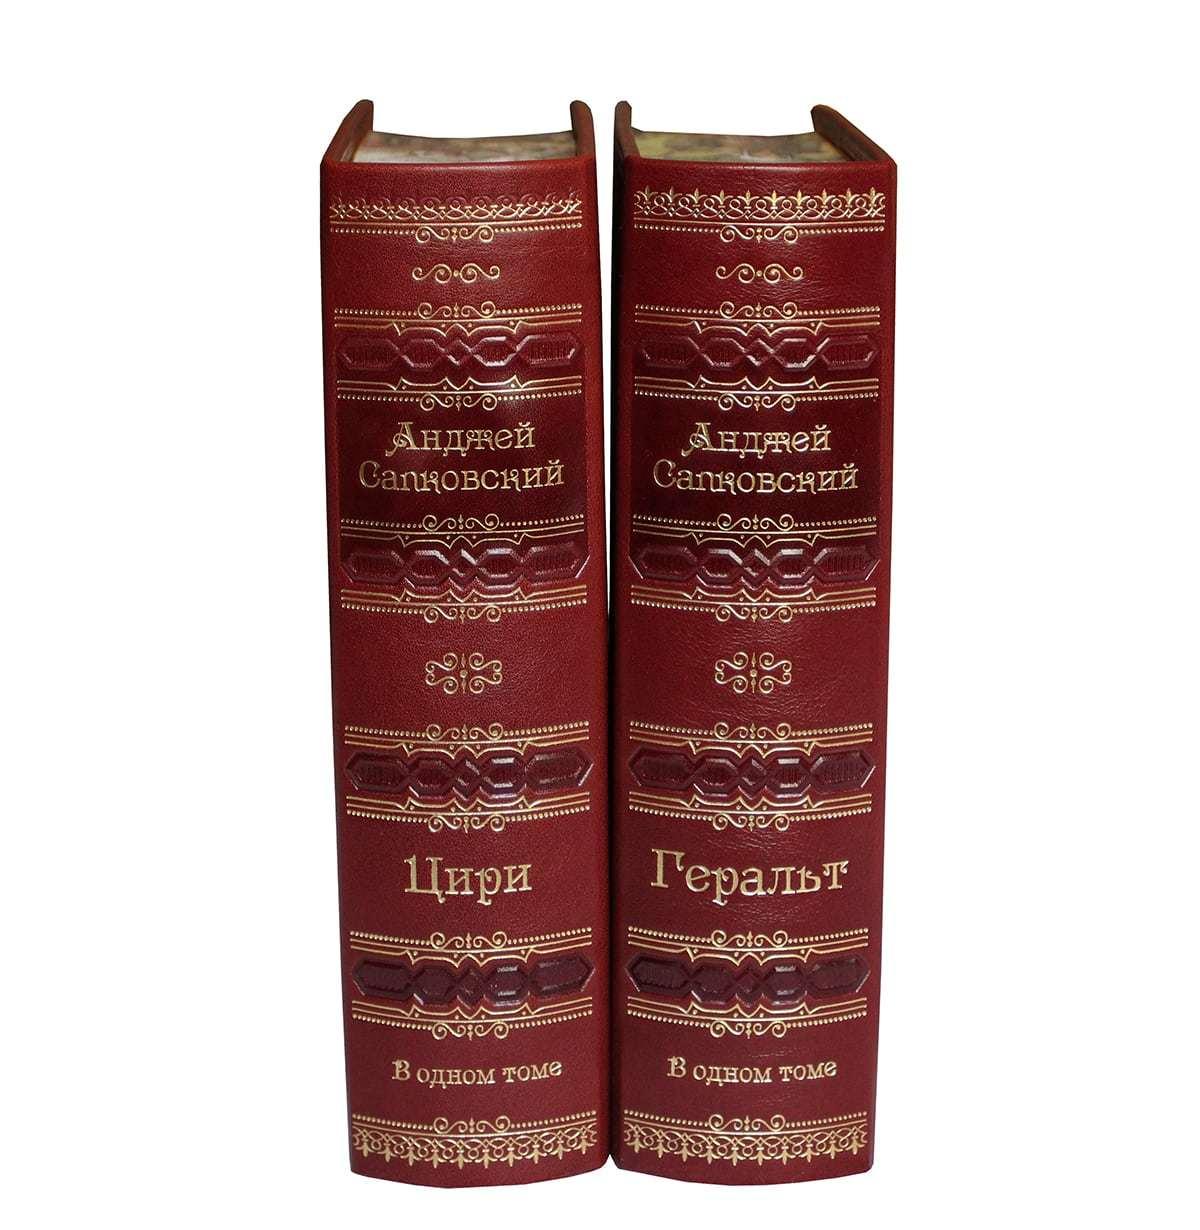 Сапковский А. Ведьмак в 2 книгах